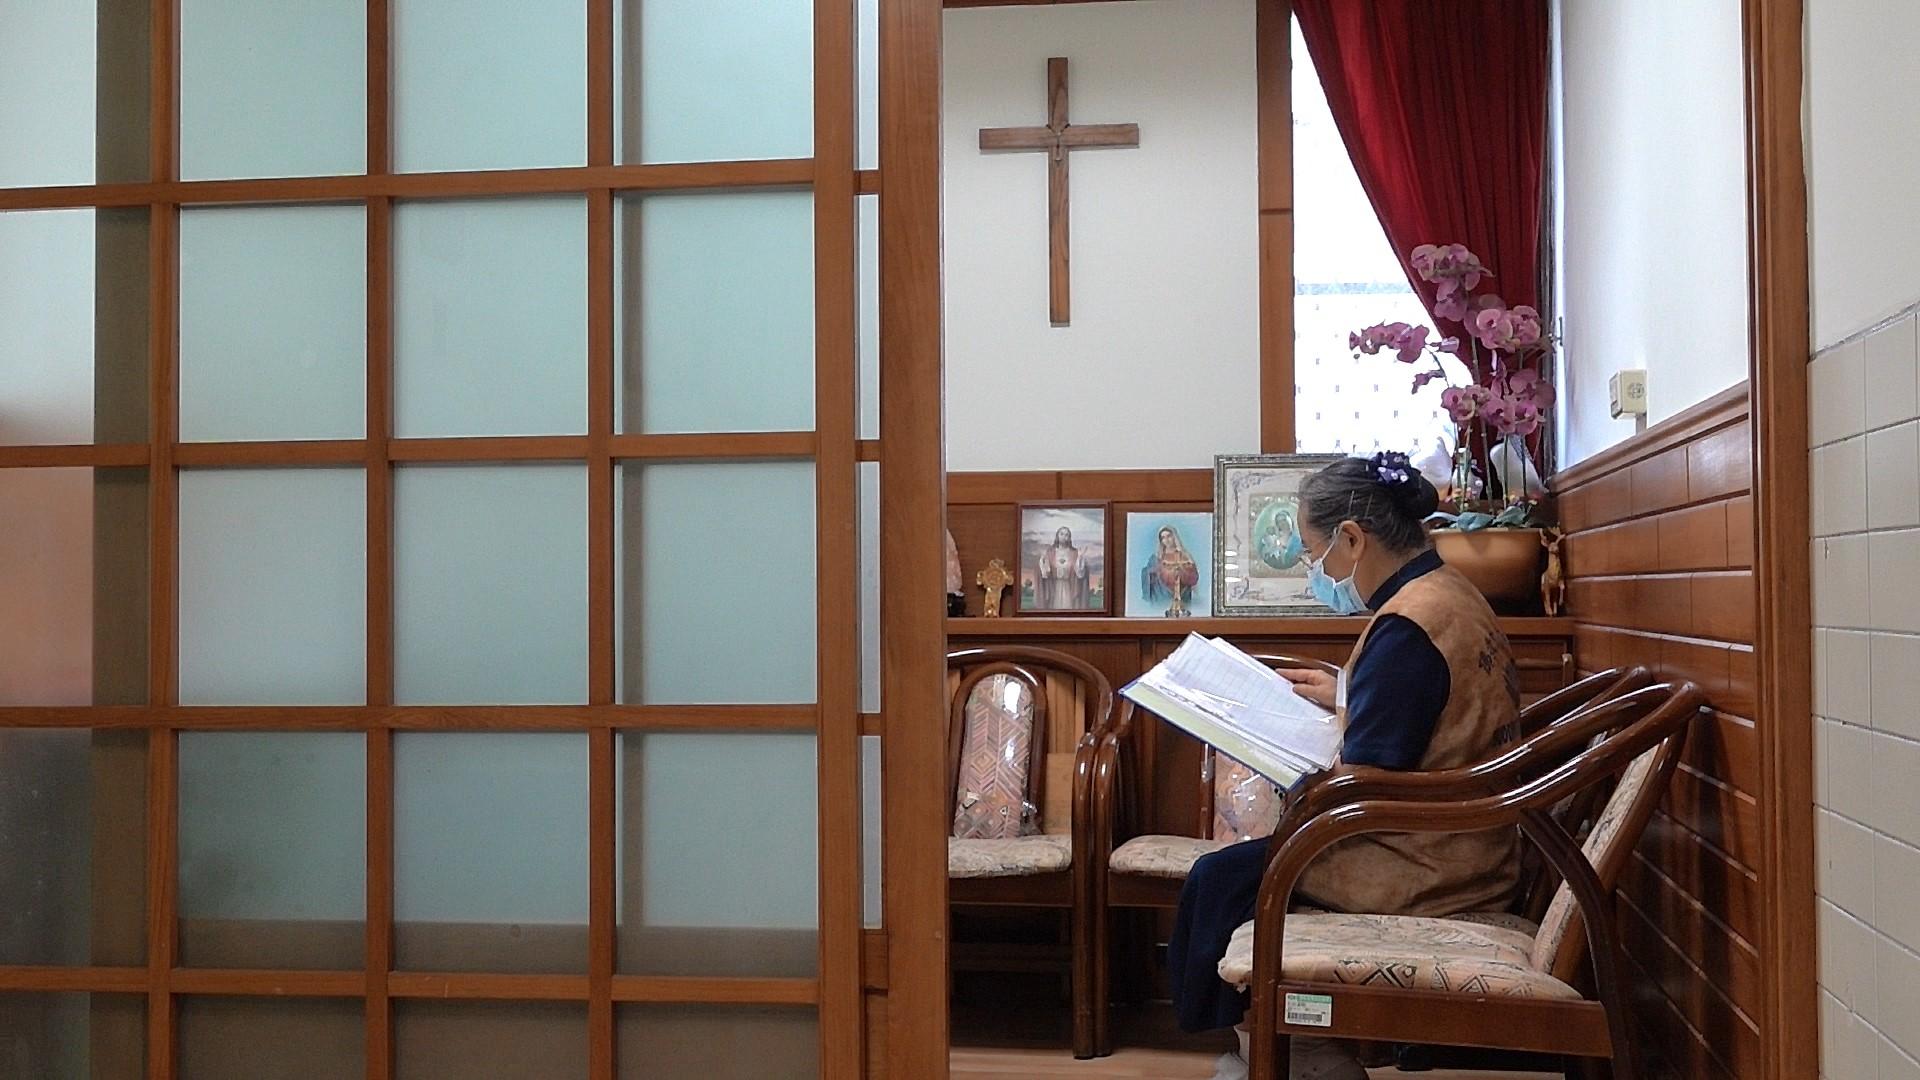 花蓮慈濟醫院心蓮(安寧)病房設有不同宗教祈禱室,可讓安寧病患尋求心靈慰藉。(黃子明攝)